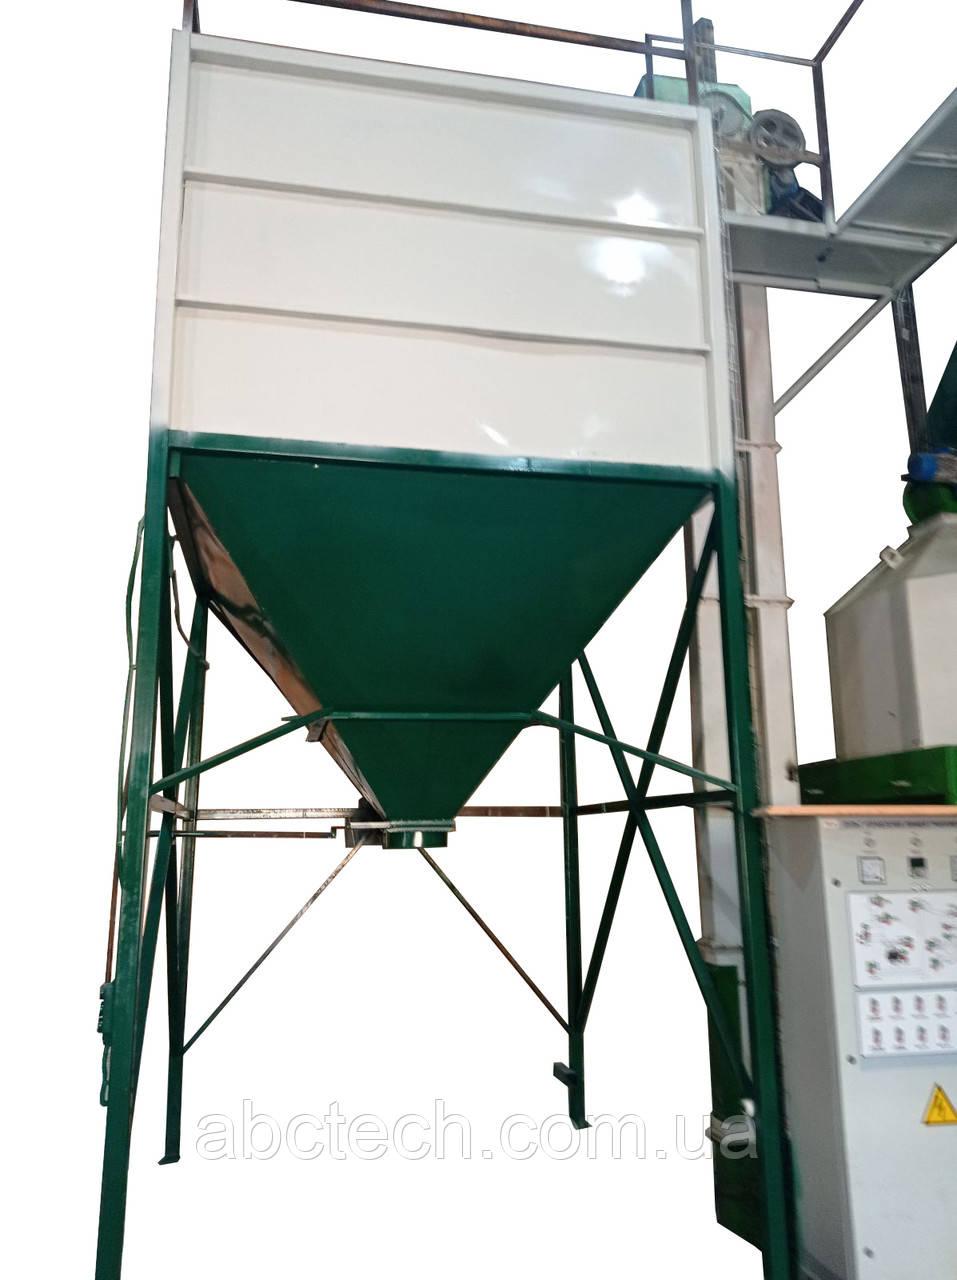 Накопительный бункер для весового дозатора 3 - 5 кубметра Промежуточный бункер